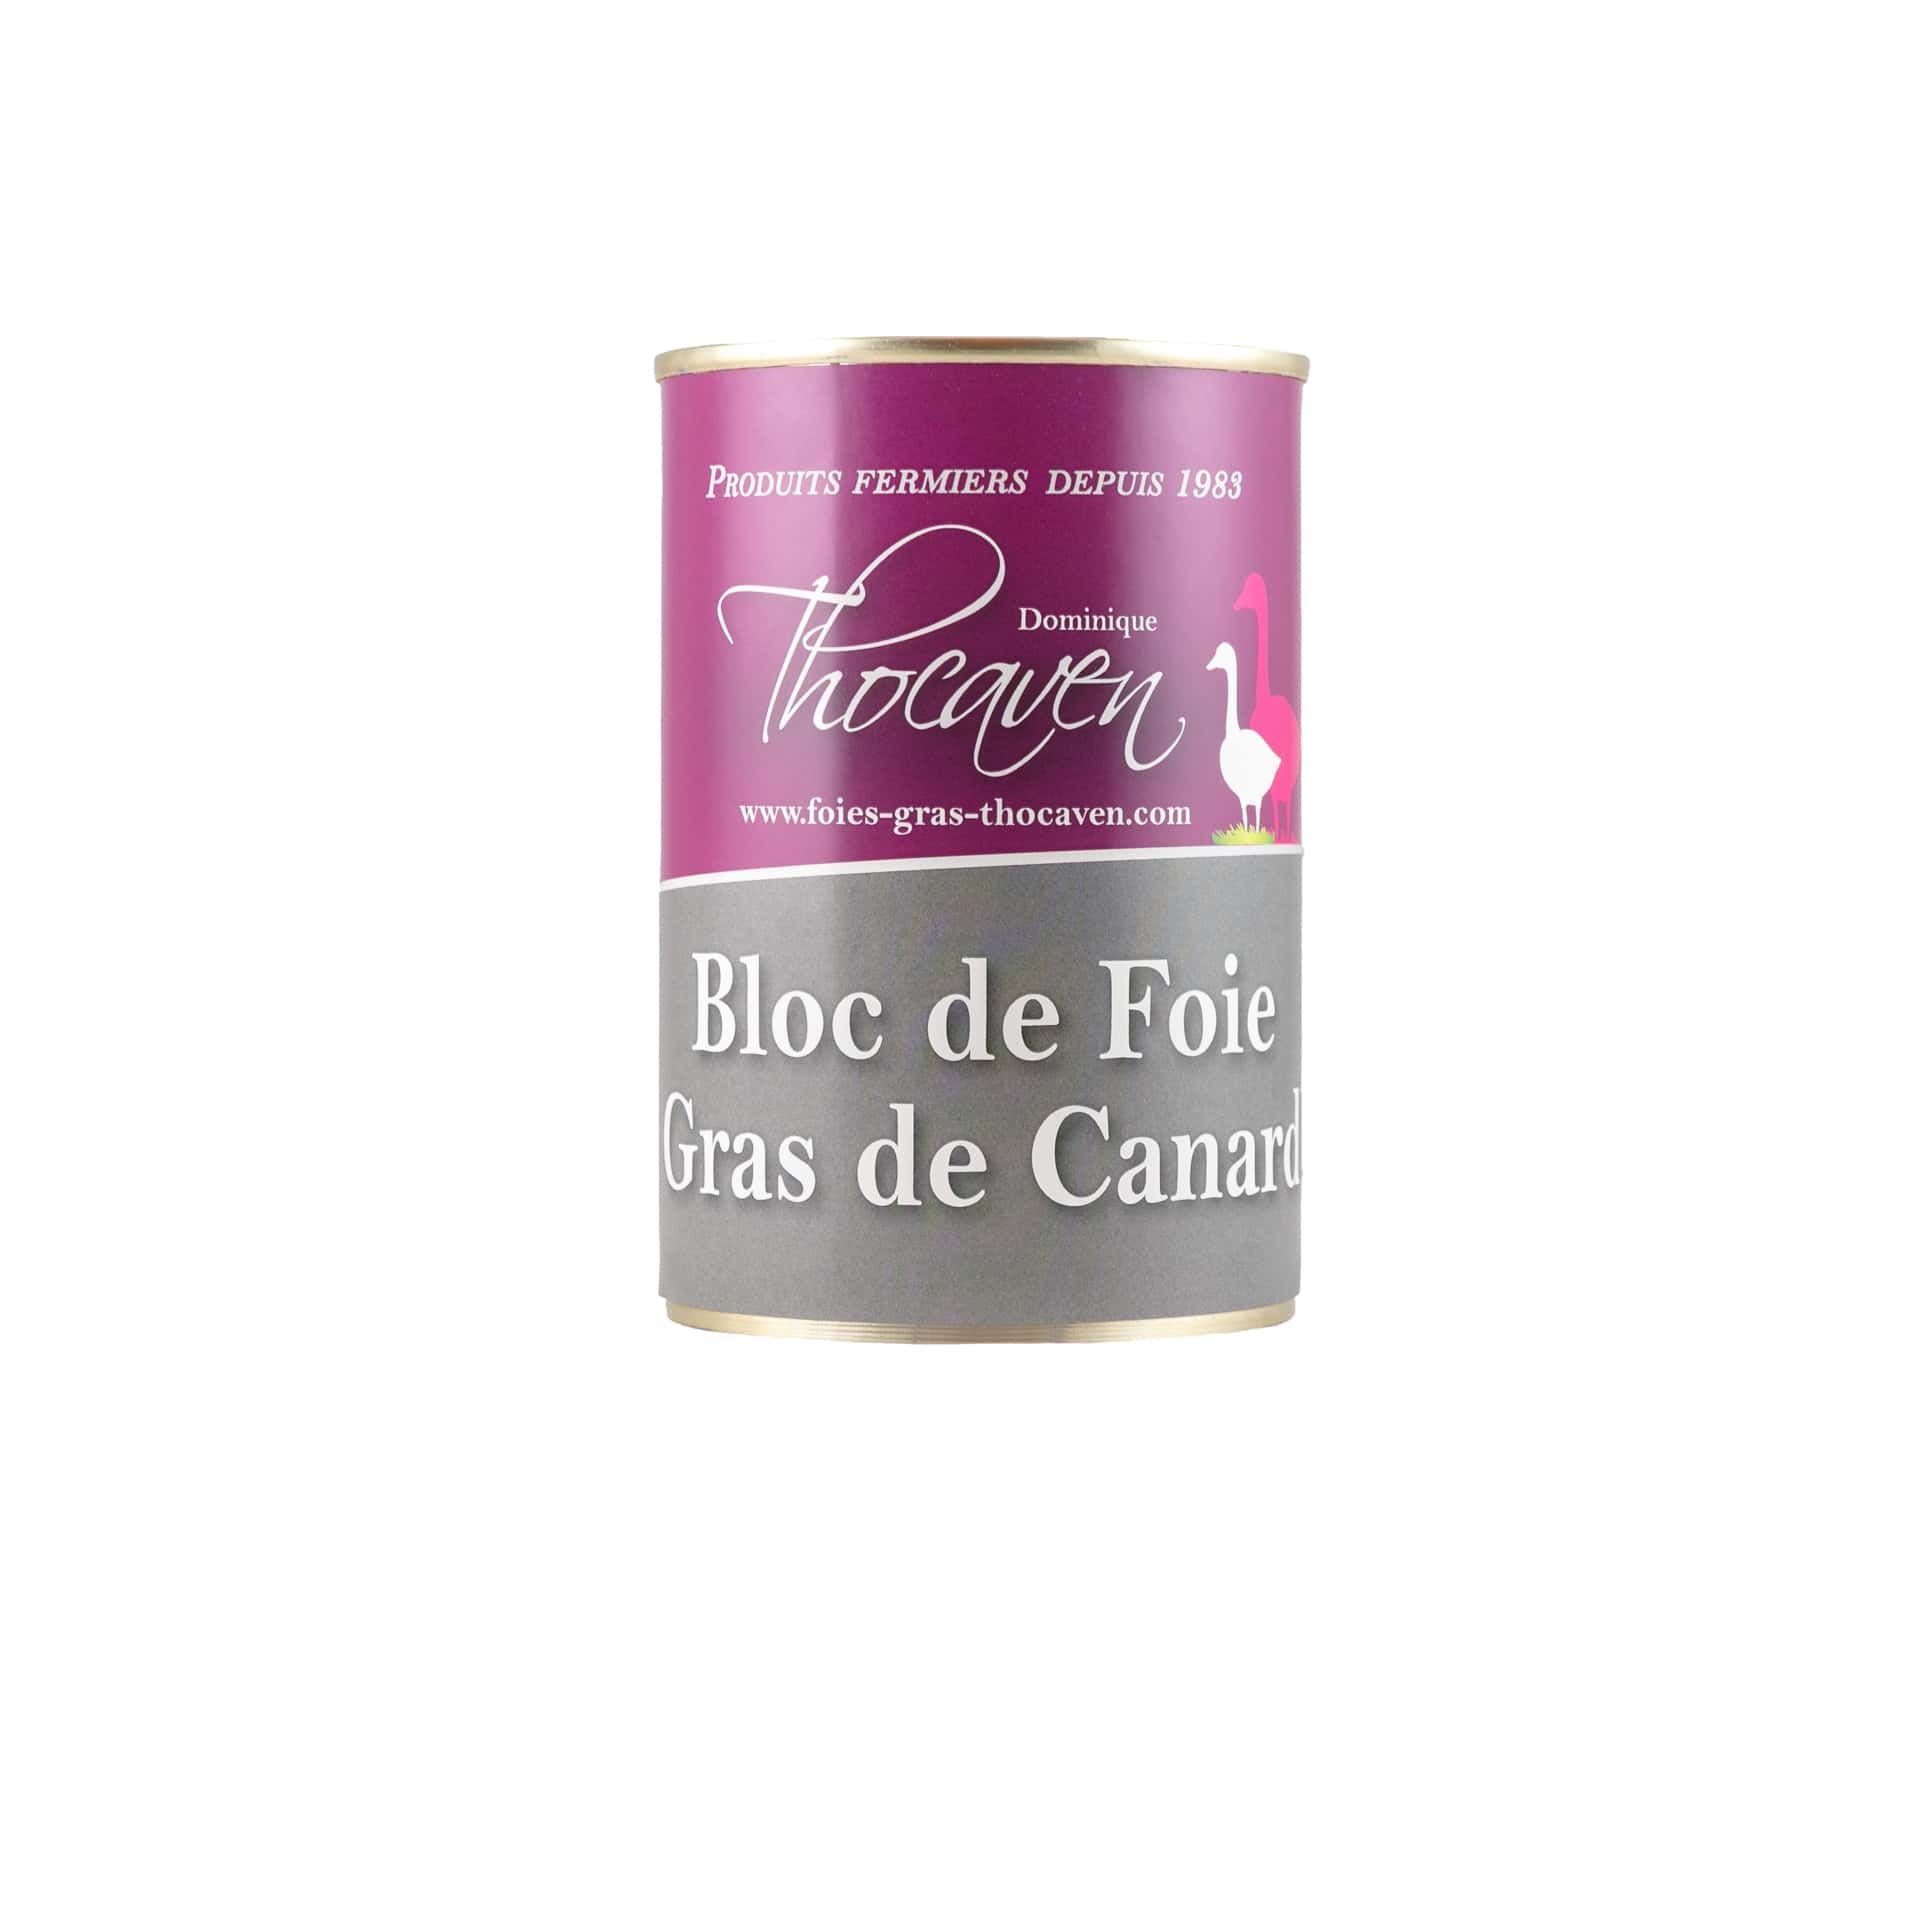 Bloc de foie gras - Fabrication artisanale